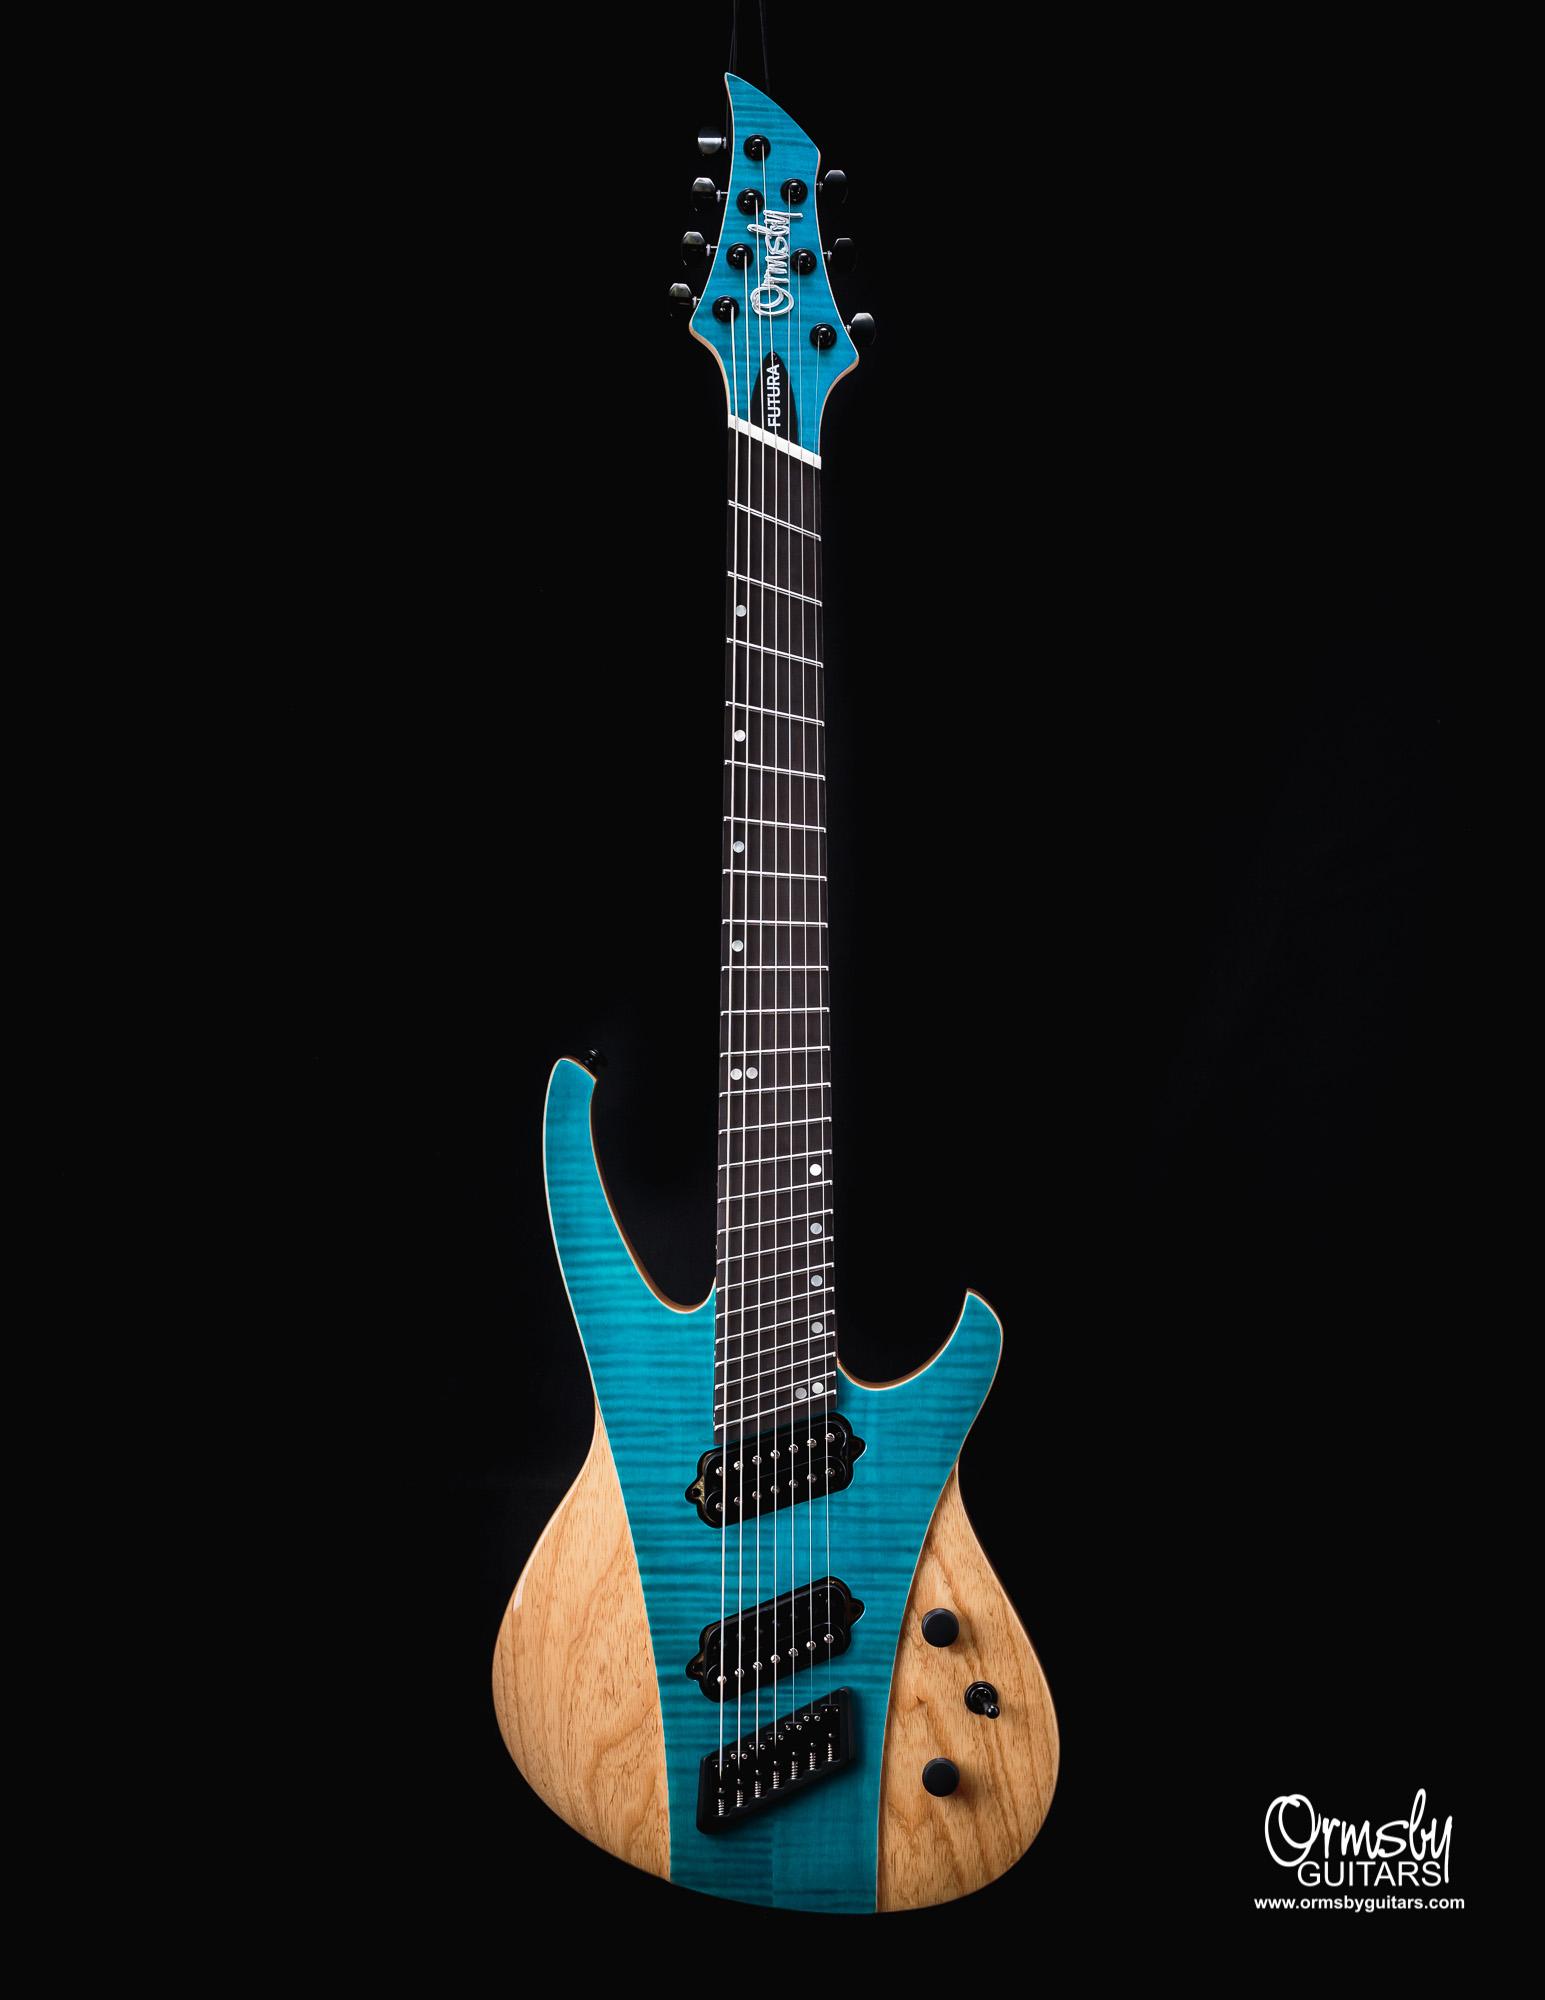 Ormsby Guitars Run 10 Futura